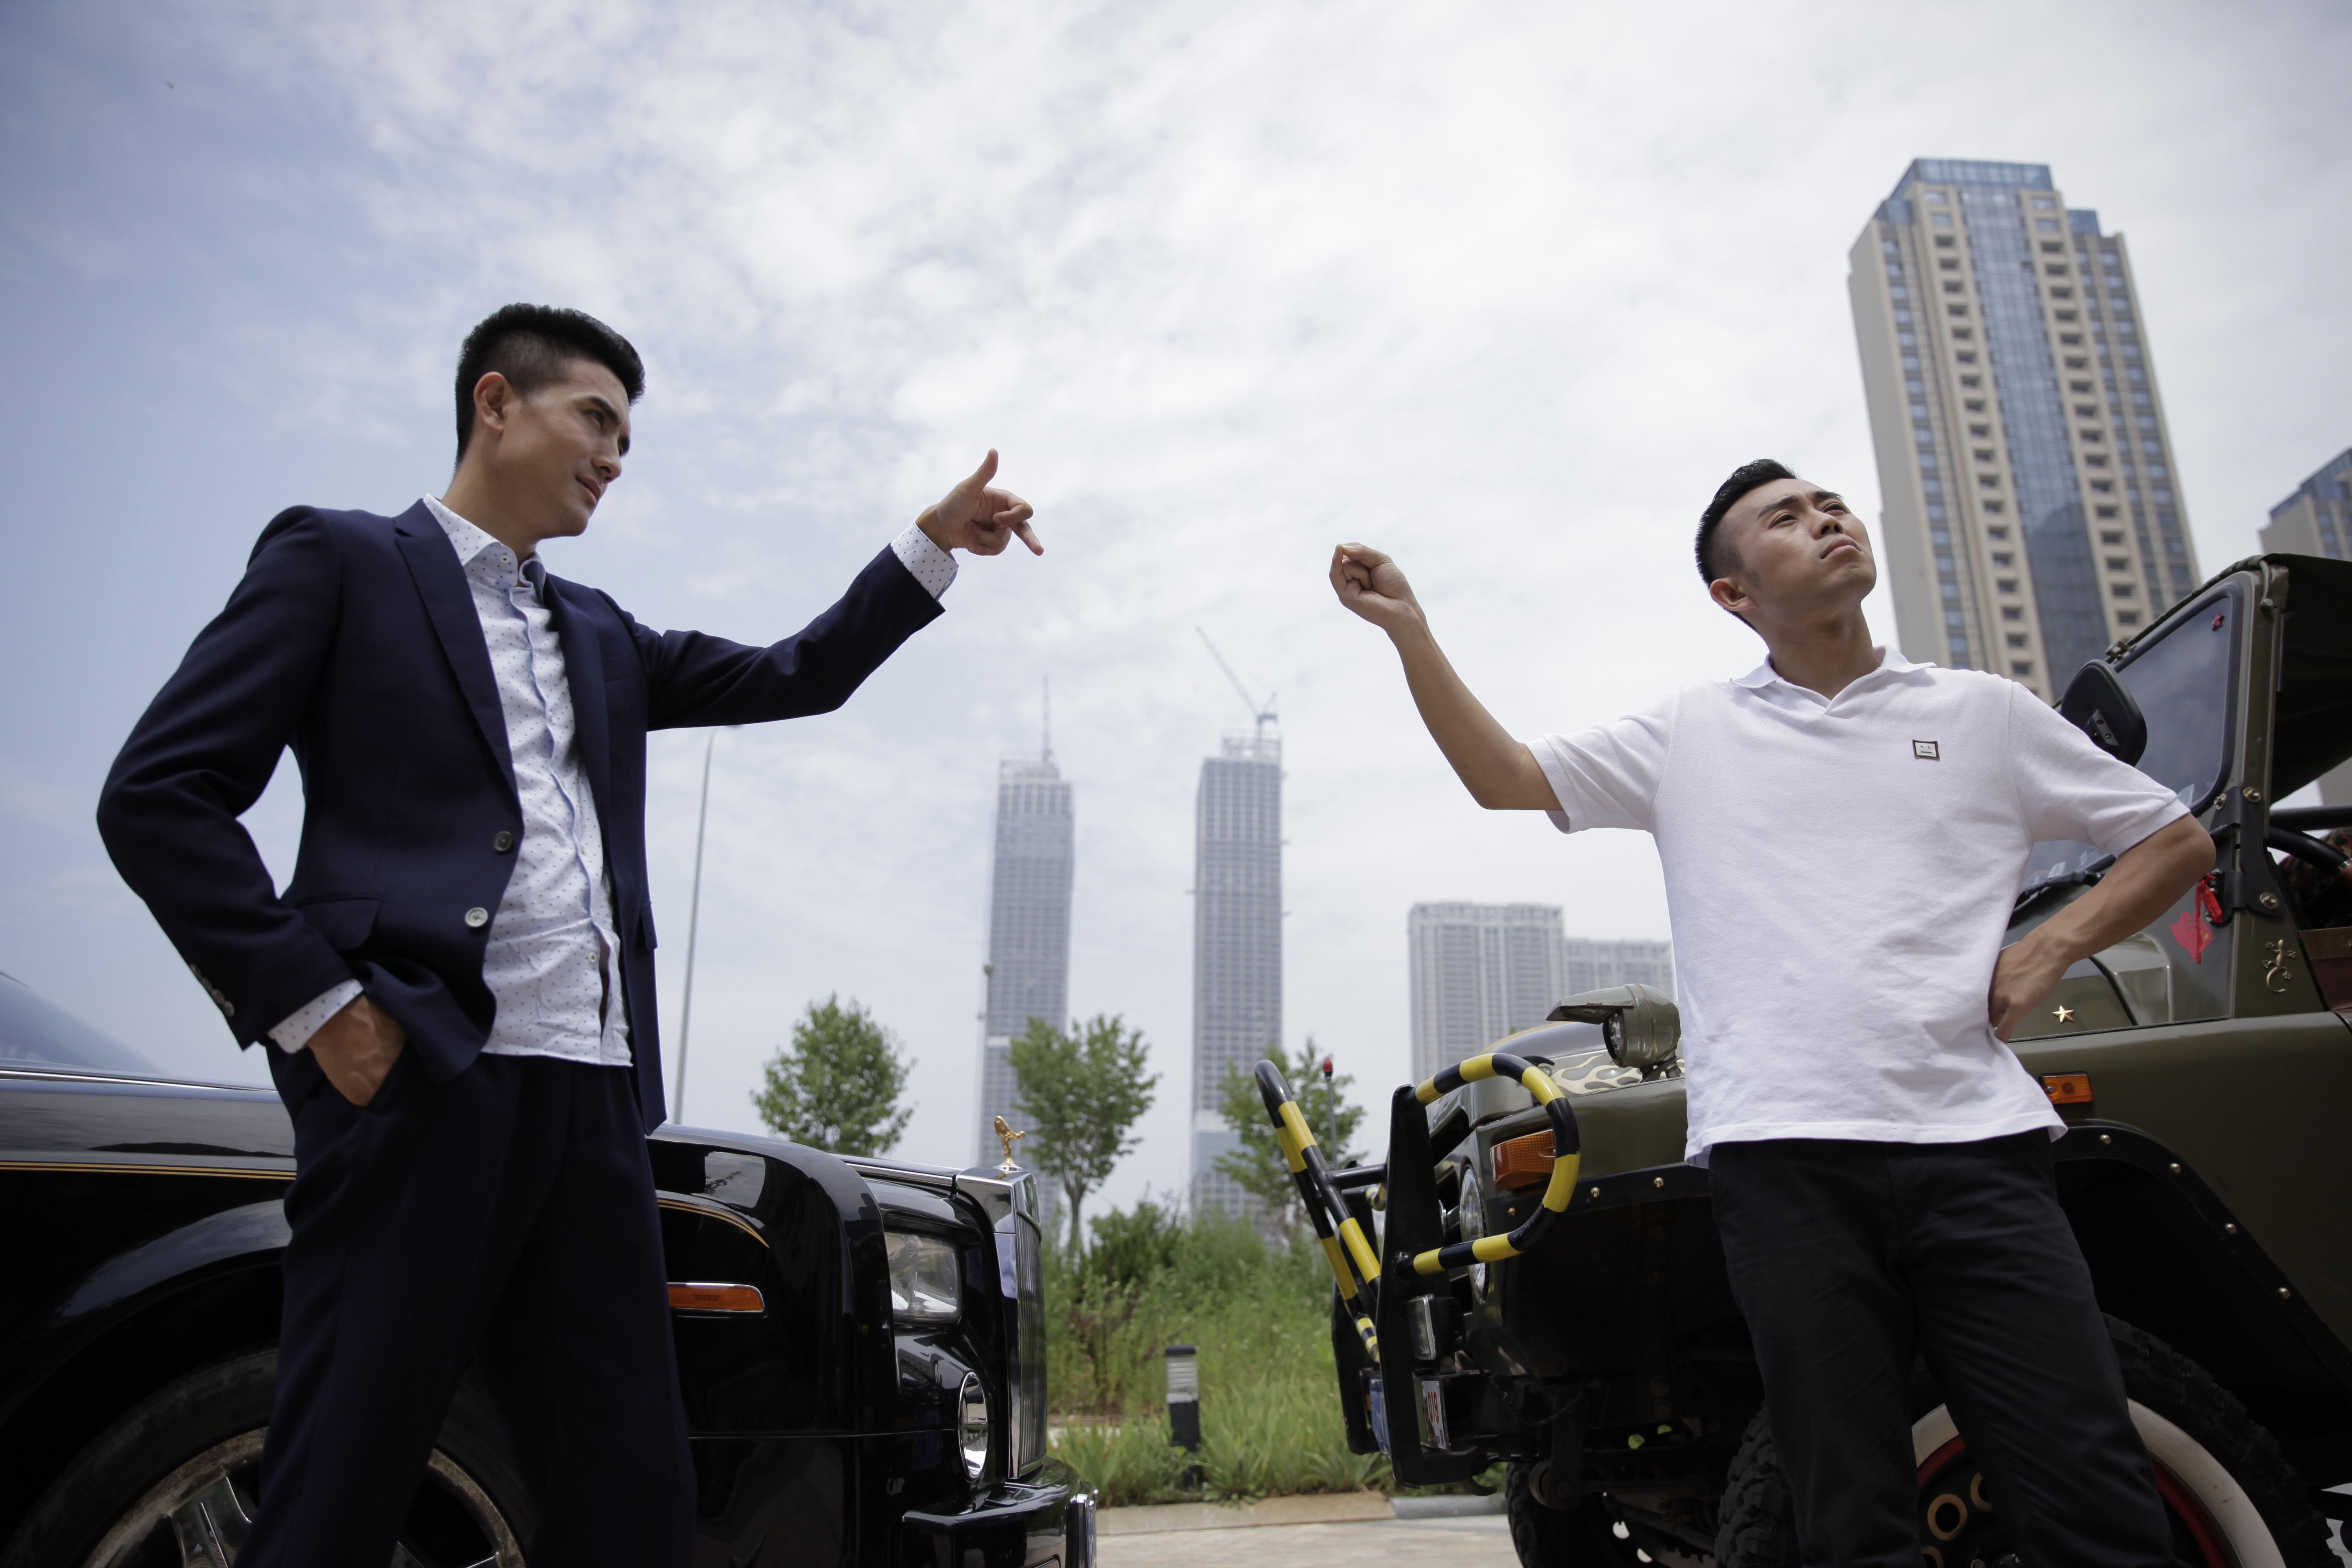 我市首部原创旅游创业网络大电影《爱上合伙人》 爱奇艺正式上映